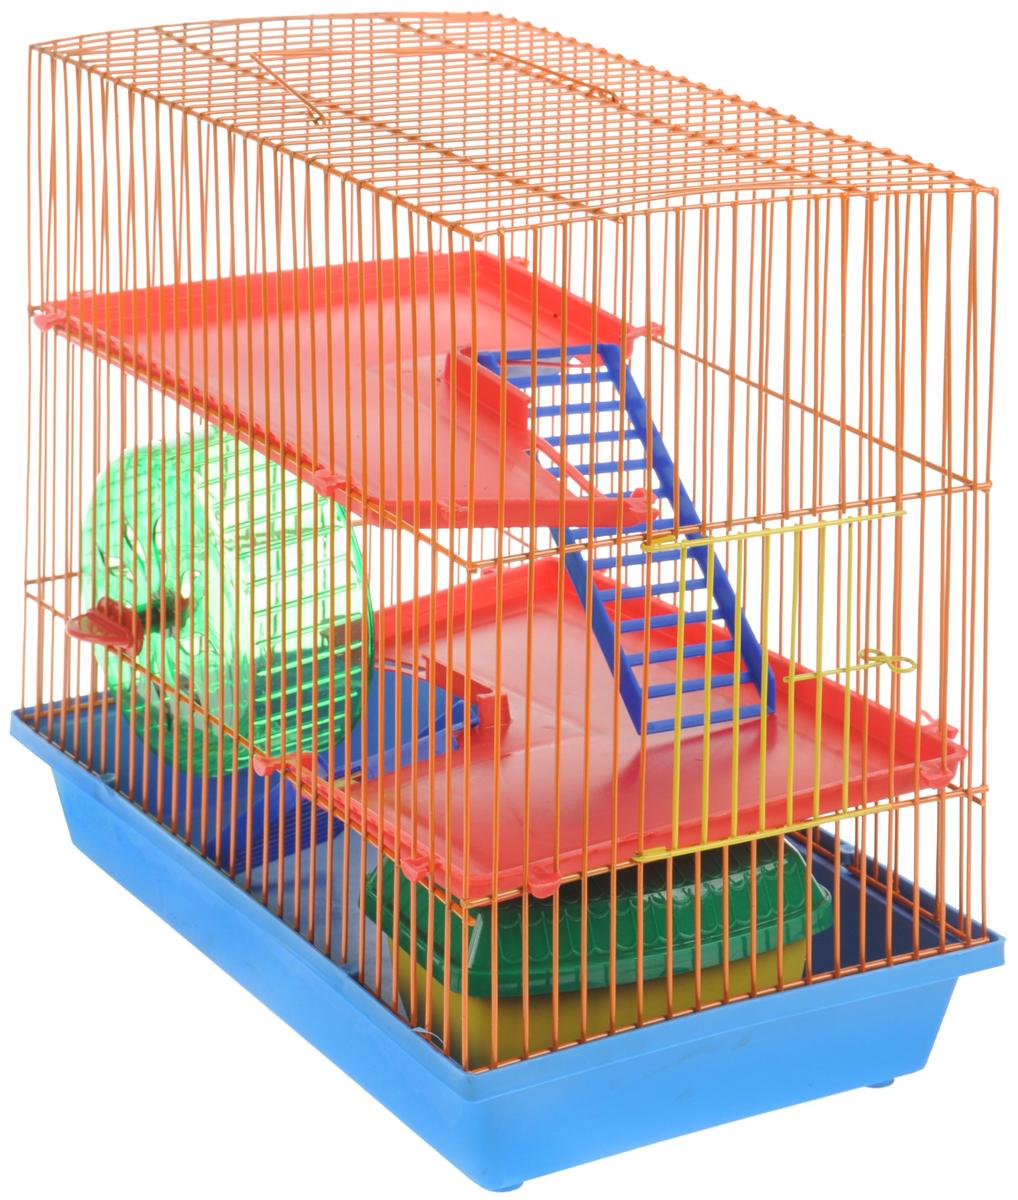 Клетка для грызунов ЗооМарк, 3-этажная, цвет: голубой поддон, оранжевая решетка, красные этажи, 36 х 22,5 х 34 см. 1350120710Клетка ЗооМарк, выполненная из полипропилена и металла, подходит для мелких грызунов. Изделие трехэтажное, оборудовано колесом для подвижных игр и пластиковым домиком. Клетка имеет яркий поддон, удобна в использовании и легко чистится. Сверху имеется ручка для переноски. Такая клетка станет уединенным личным пространством и уютным домиком для маленького грызуна.